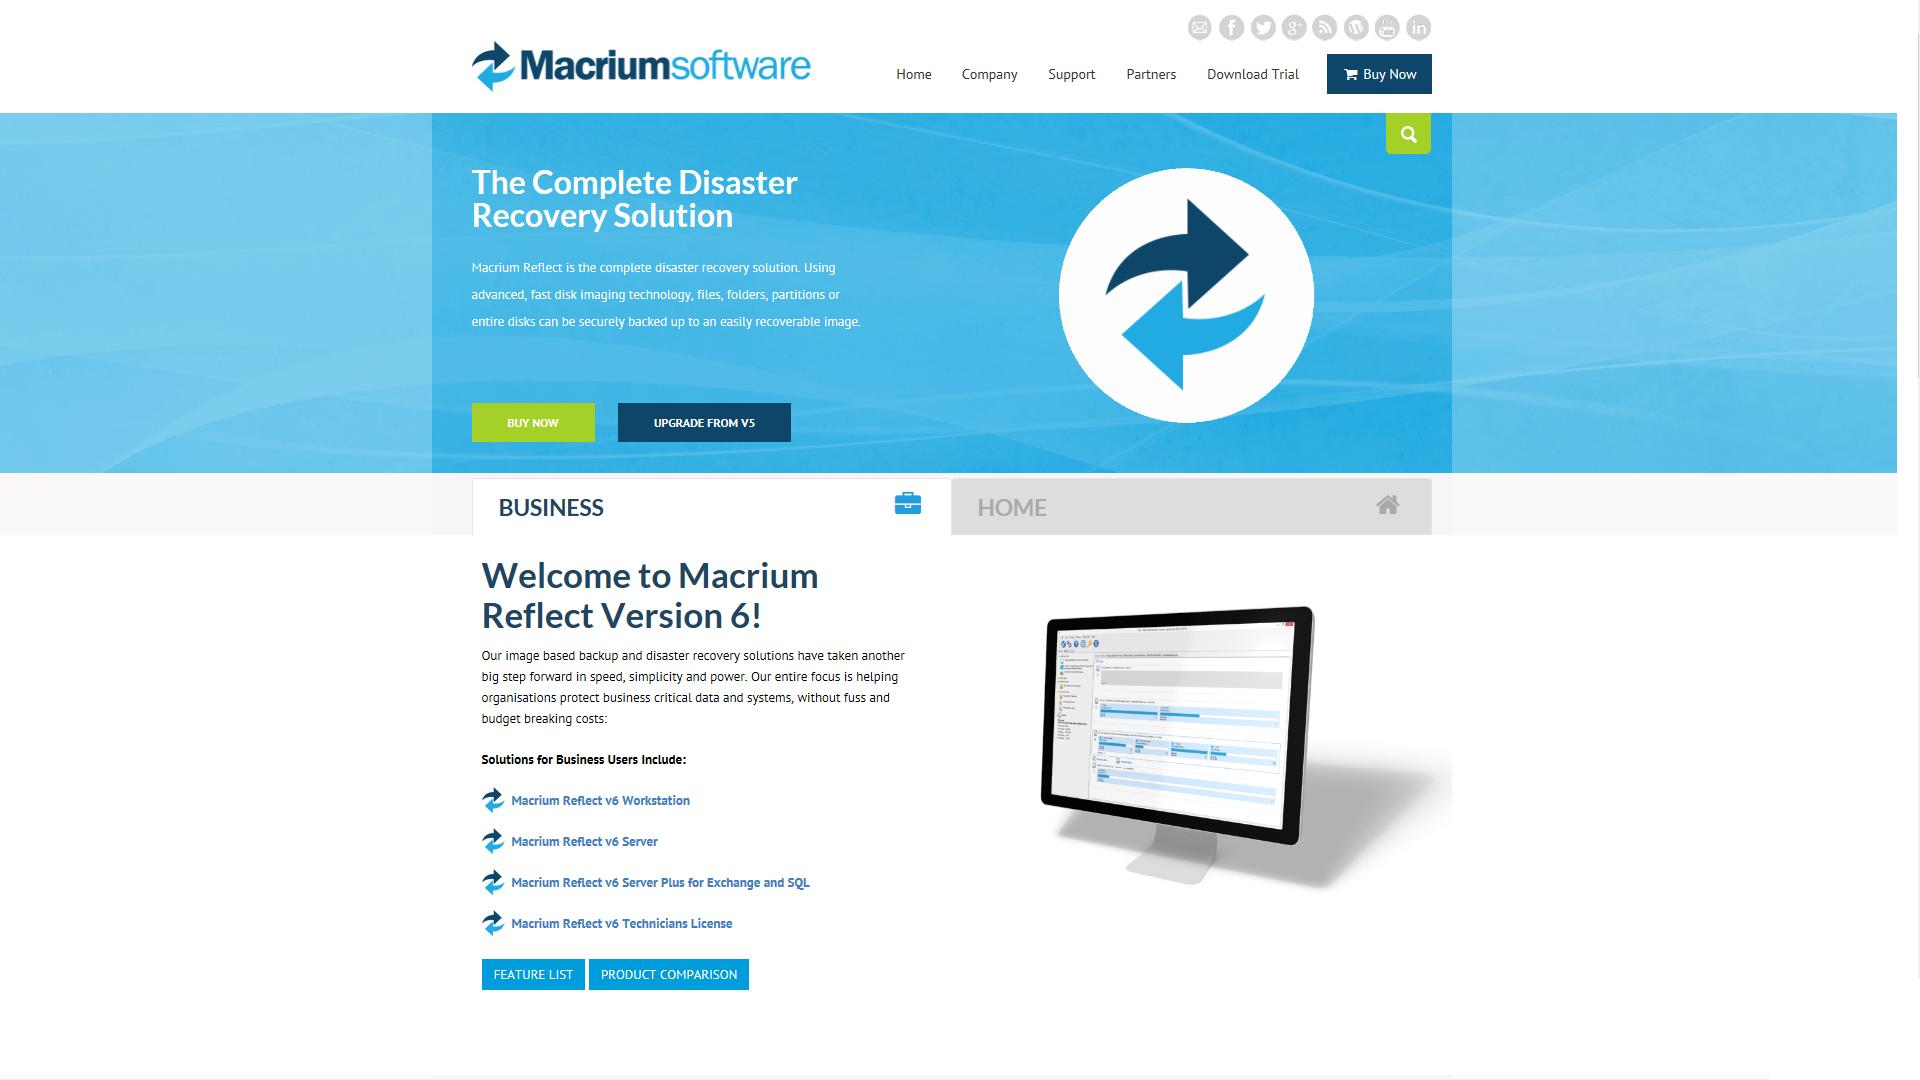 Prianto dystrybutorem Macrium Software